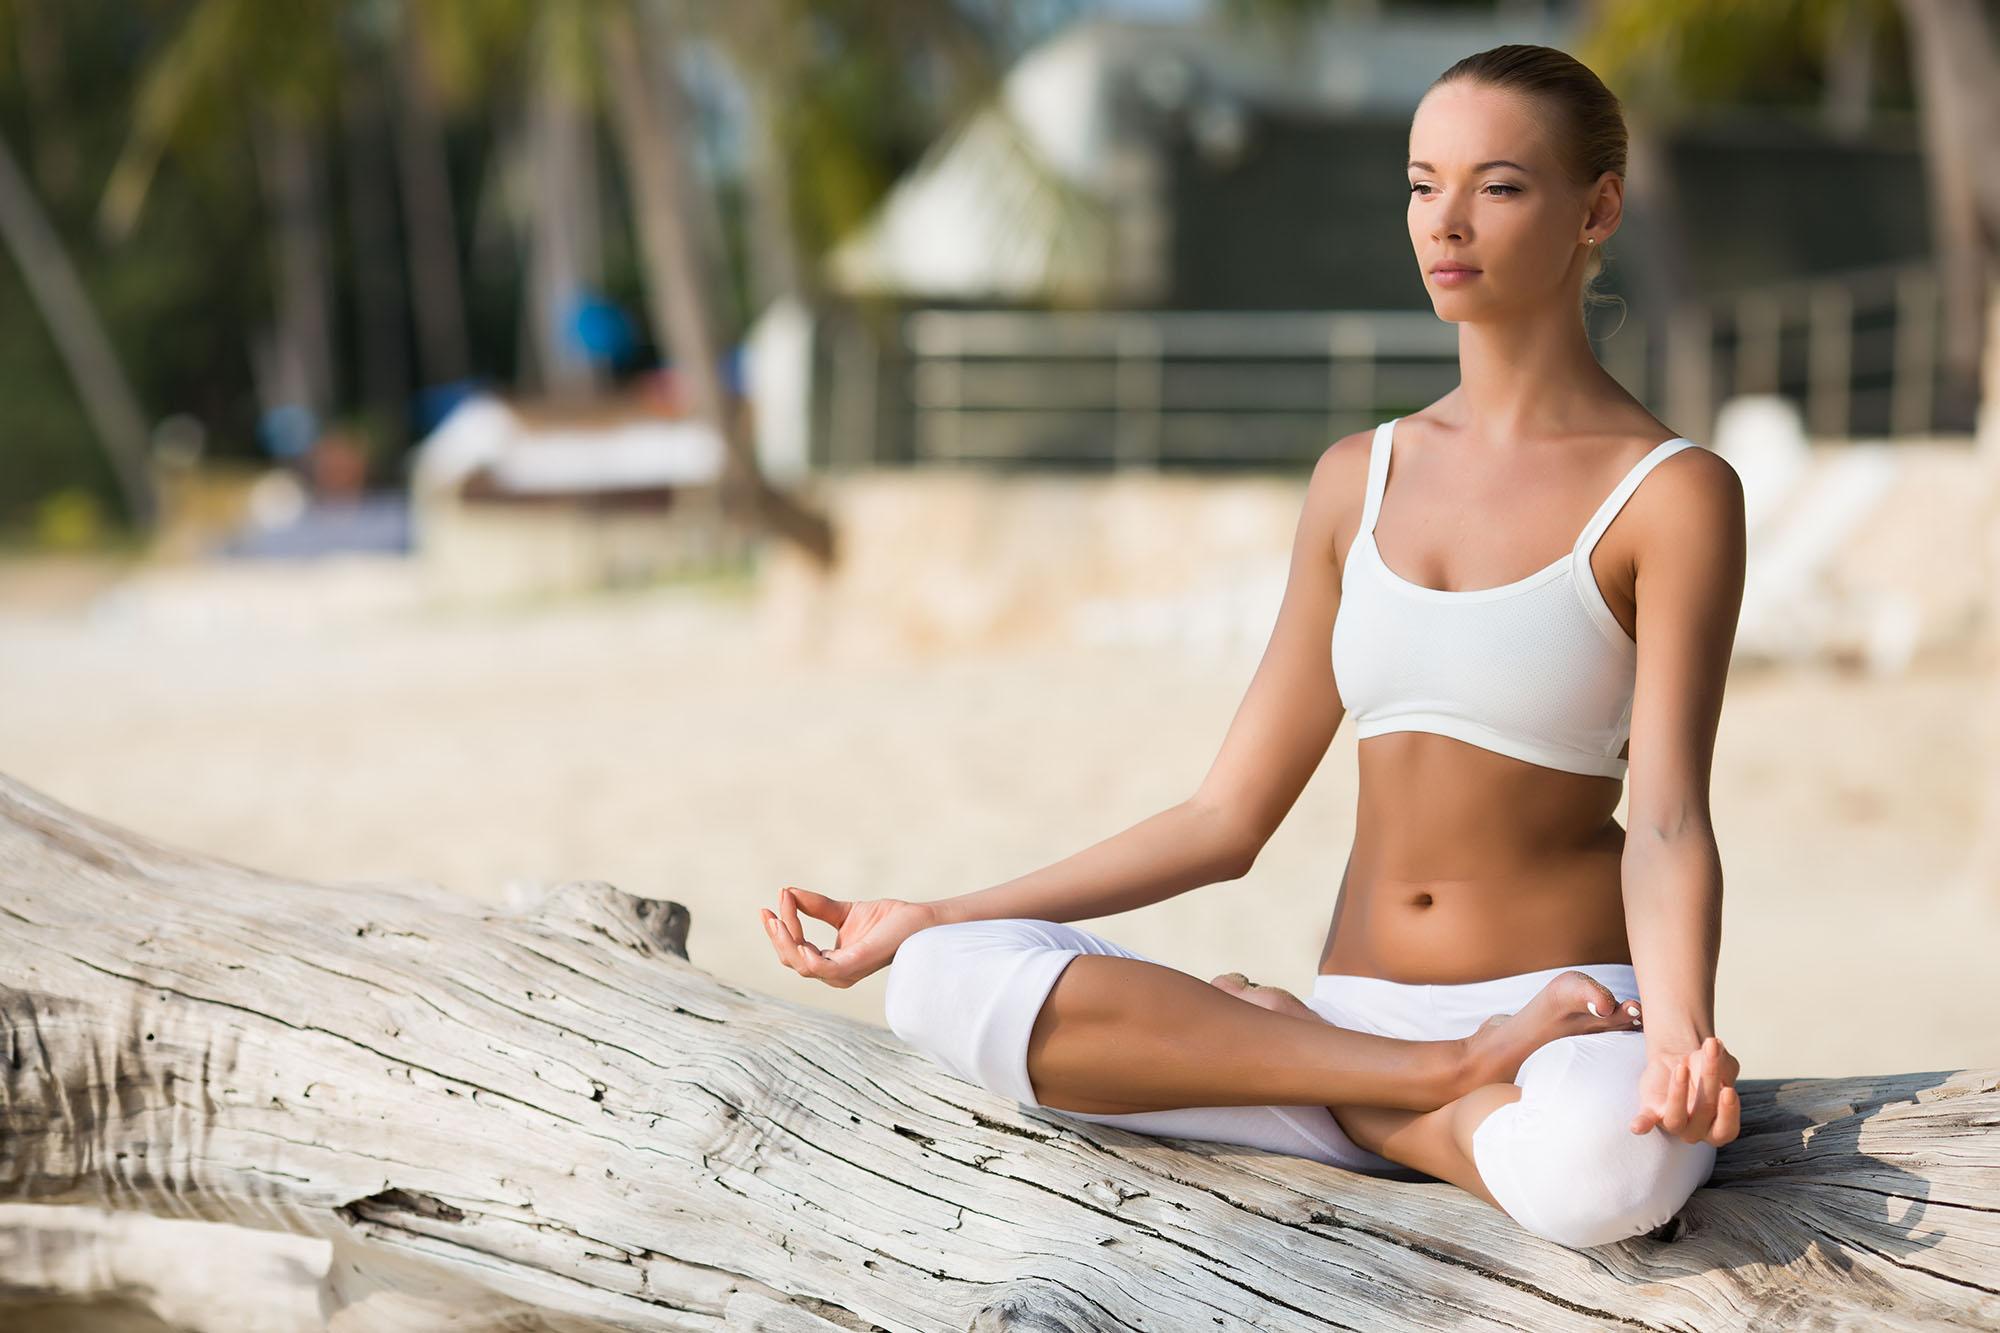 Йога на свежем воздухе